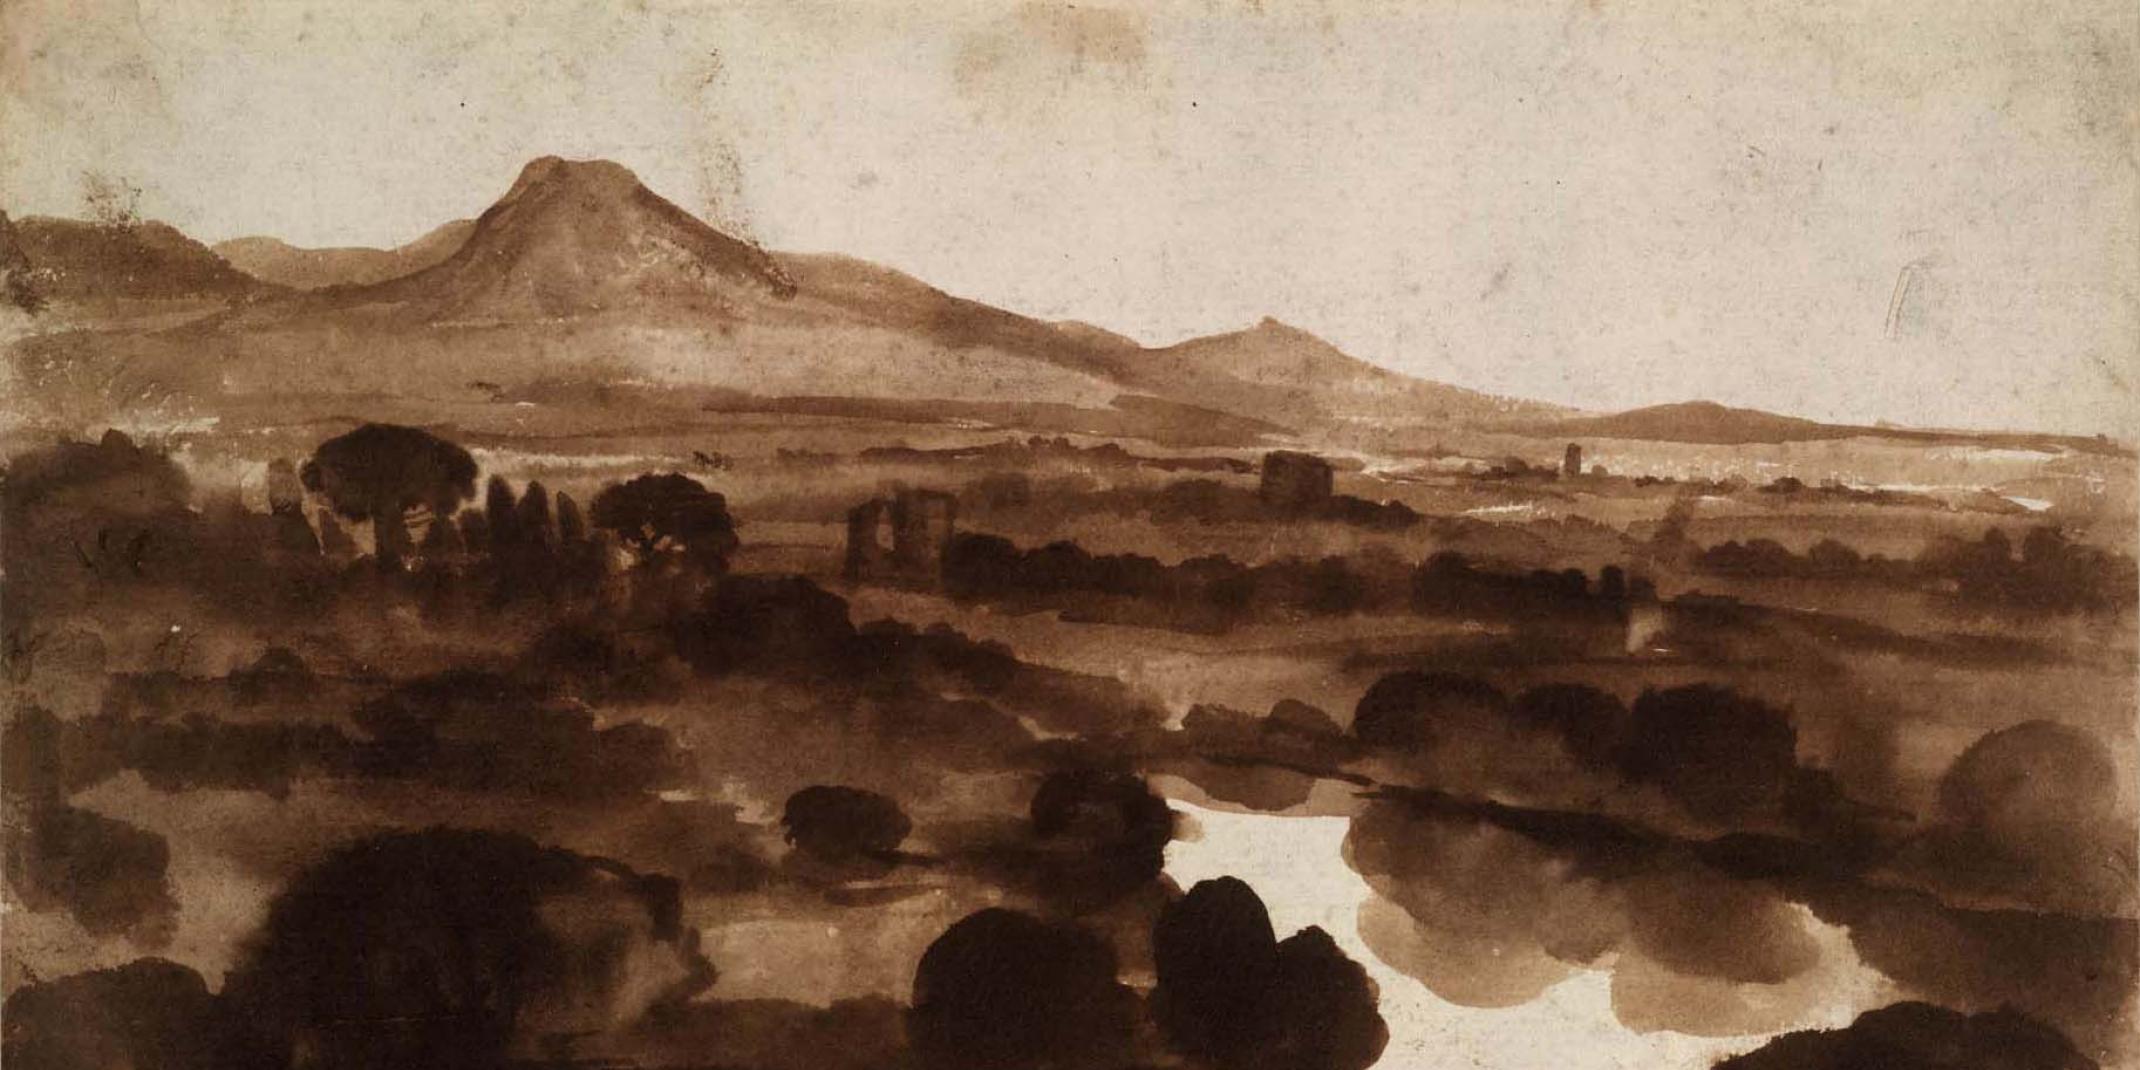 Claude Lorrain, Blick über den Tiber von einem Hügel bei Acqua Acetosa, um 1640 Pinsel in Dunkelbraun, 185 x 268 mm Verso: Skizze eines Hügels, Feder in Braun THE BRITISH MUSEUM, LONDON, INV.-NR. Oo.7-212